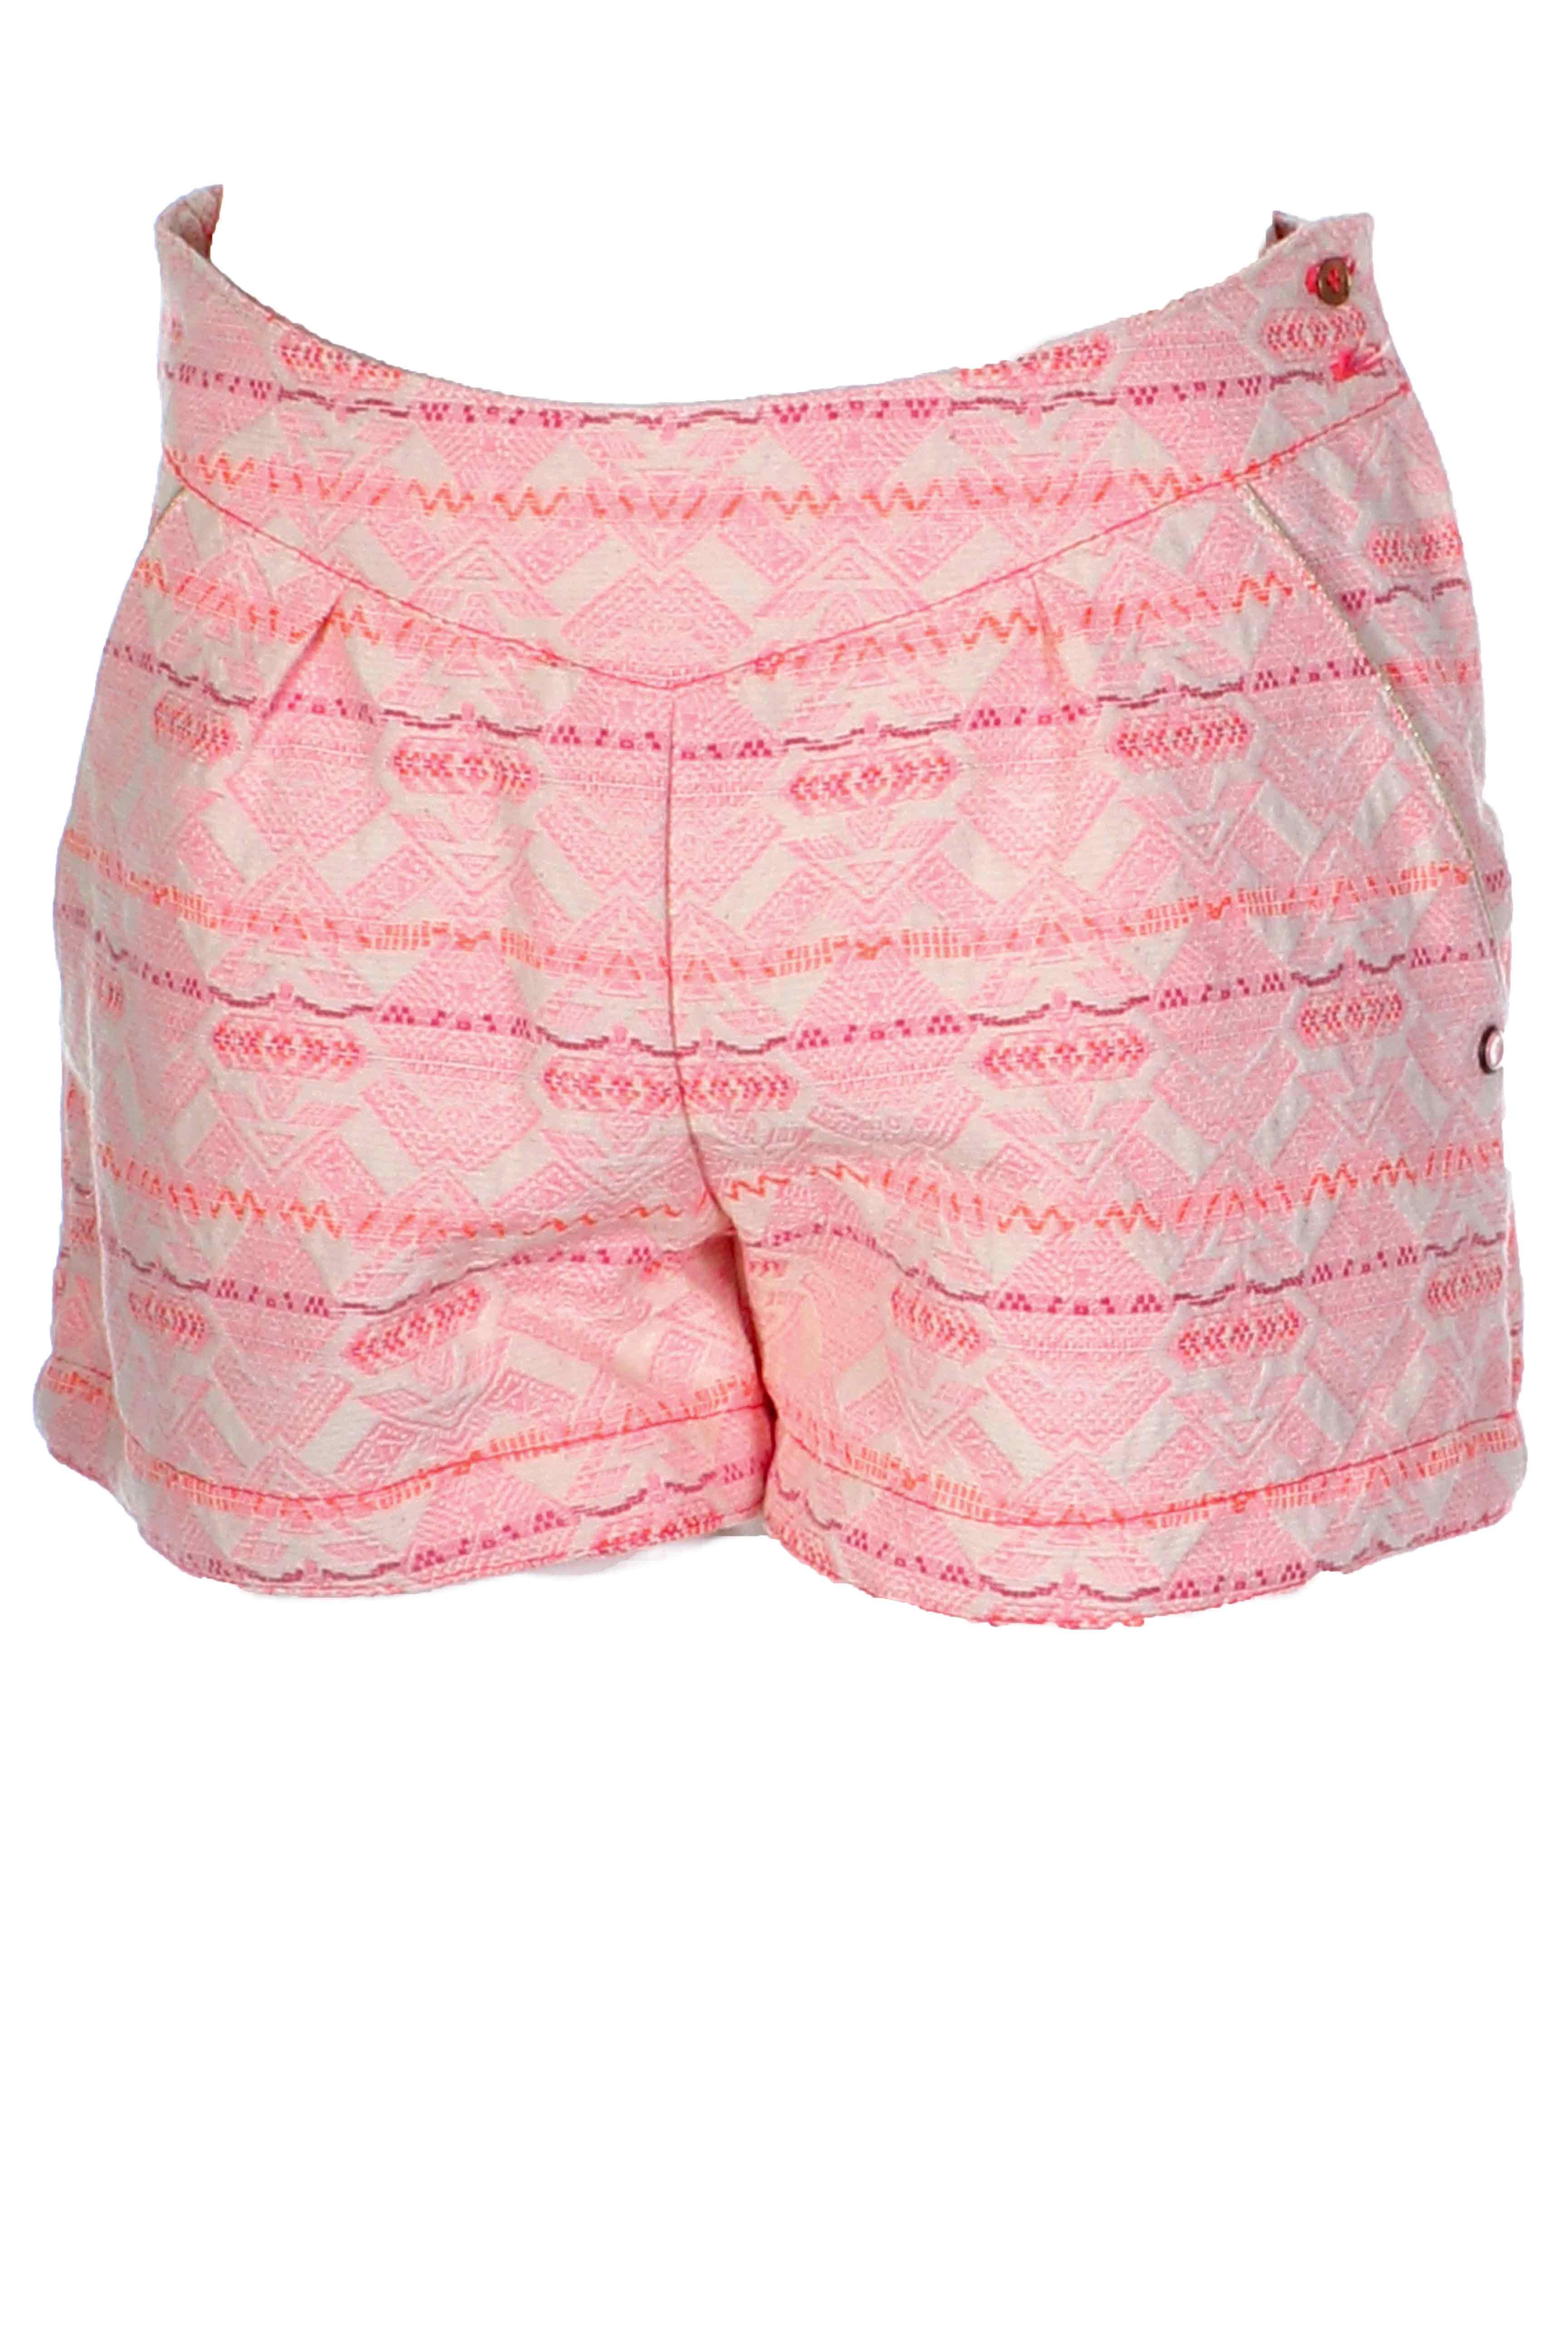 110 116 nouveau prix recommandé 49 € CATIMINI fille chemise manches longues tee shirt star taille 98 104